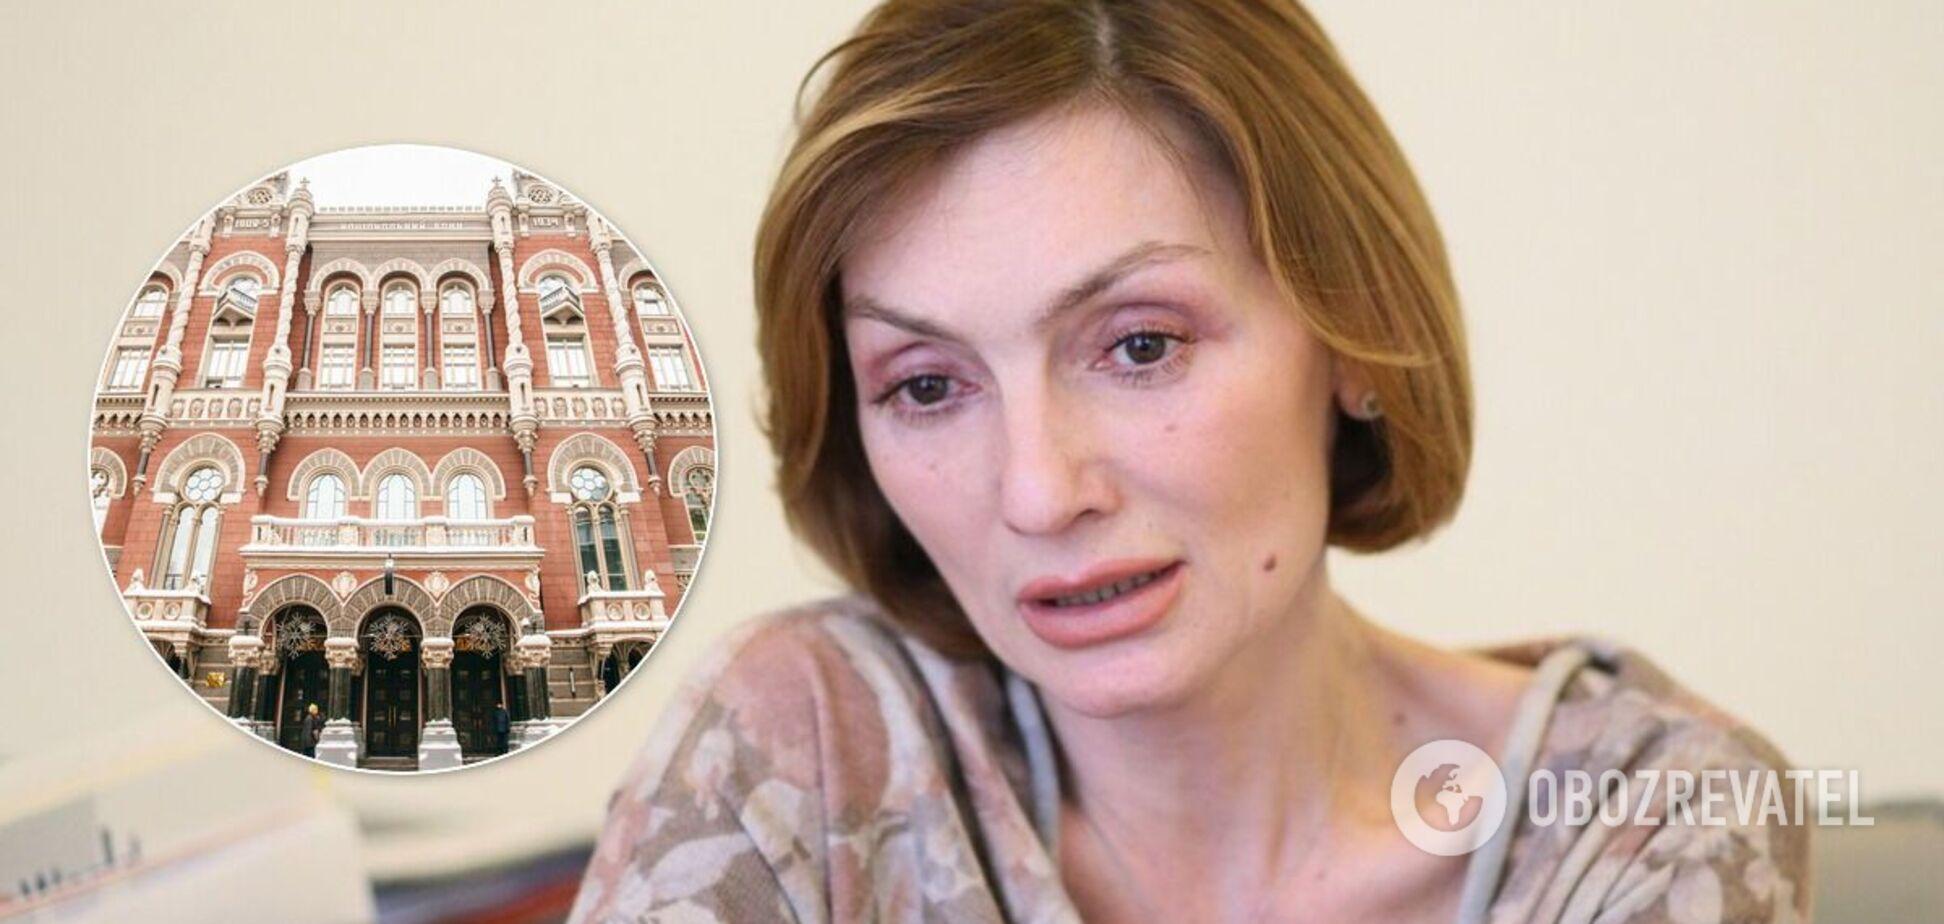 Фонд гарантування вкладів звернувся до Верховного Суду через позов до Рожкової на 1,5 млрд грн